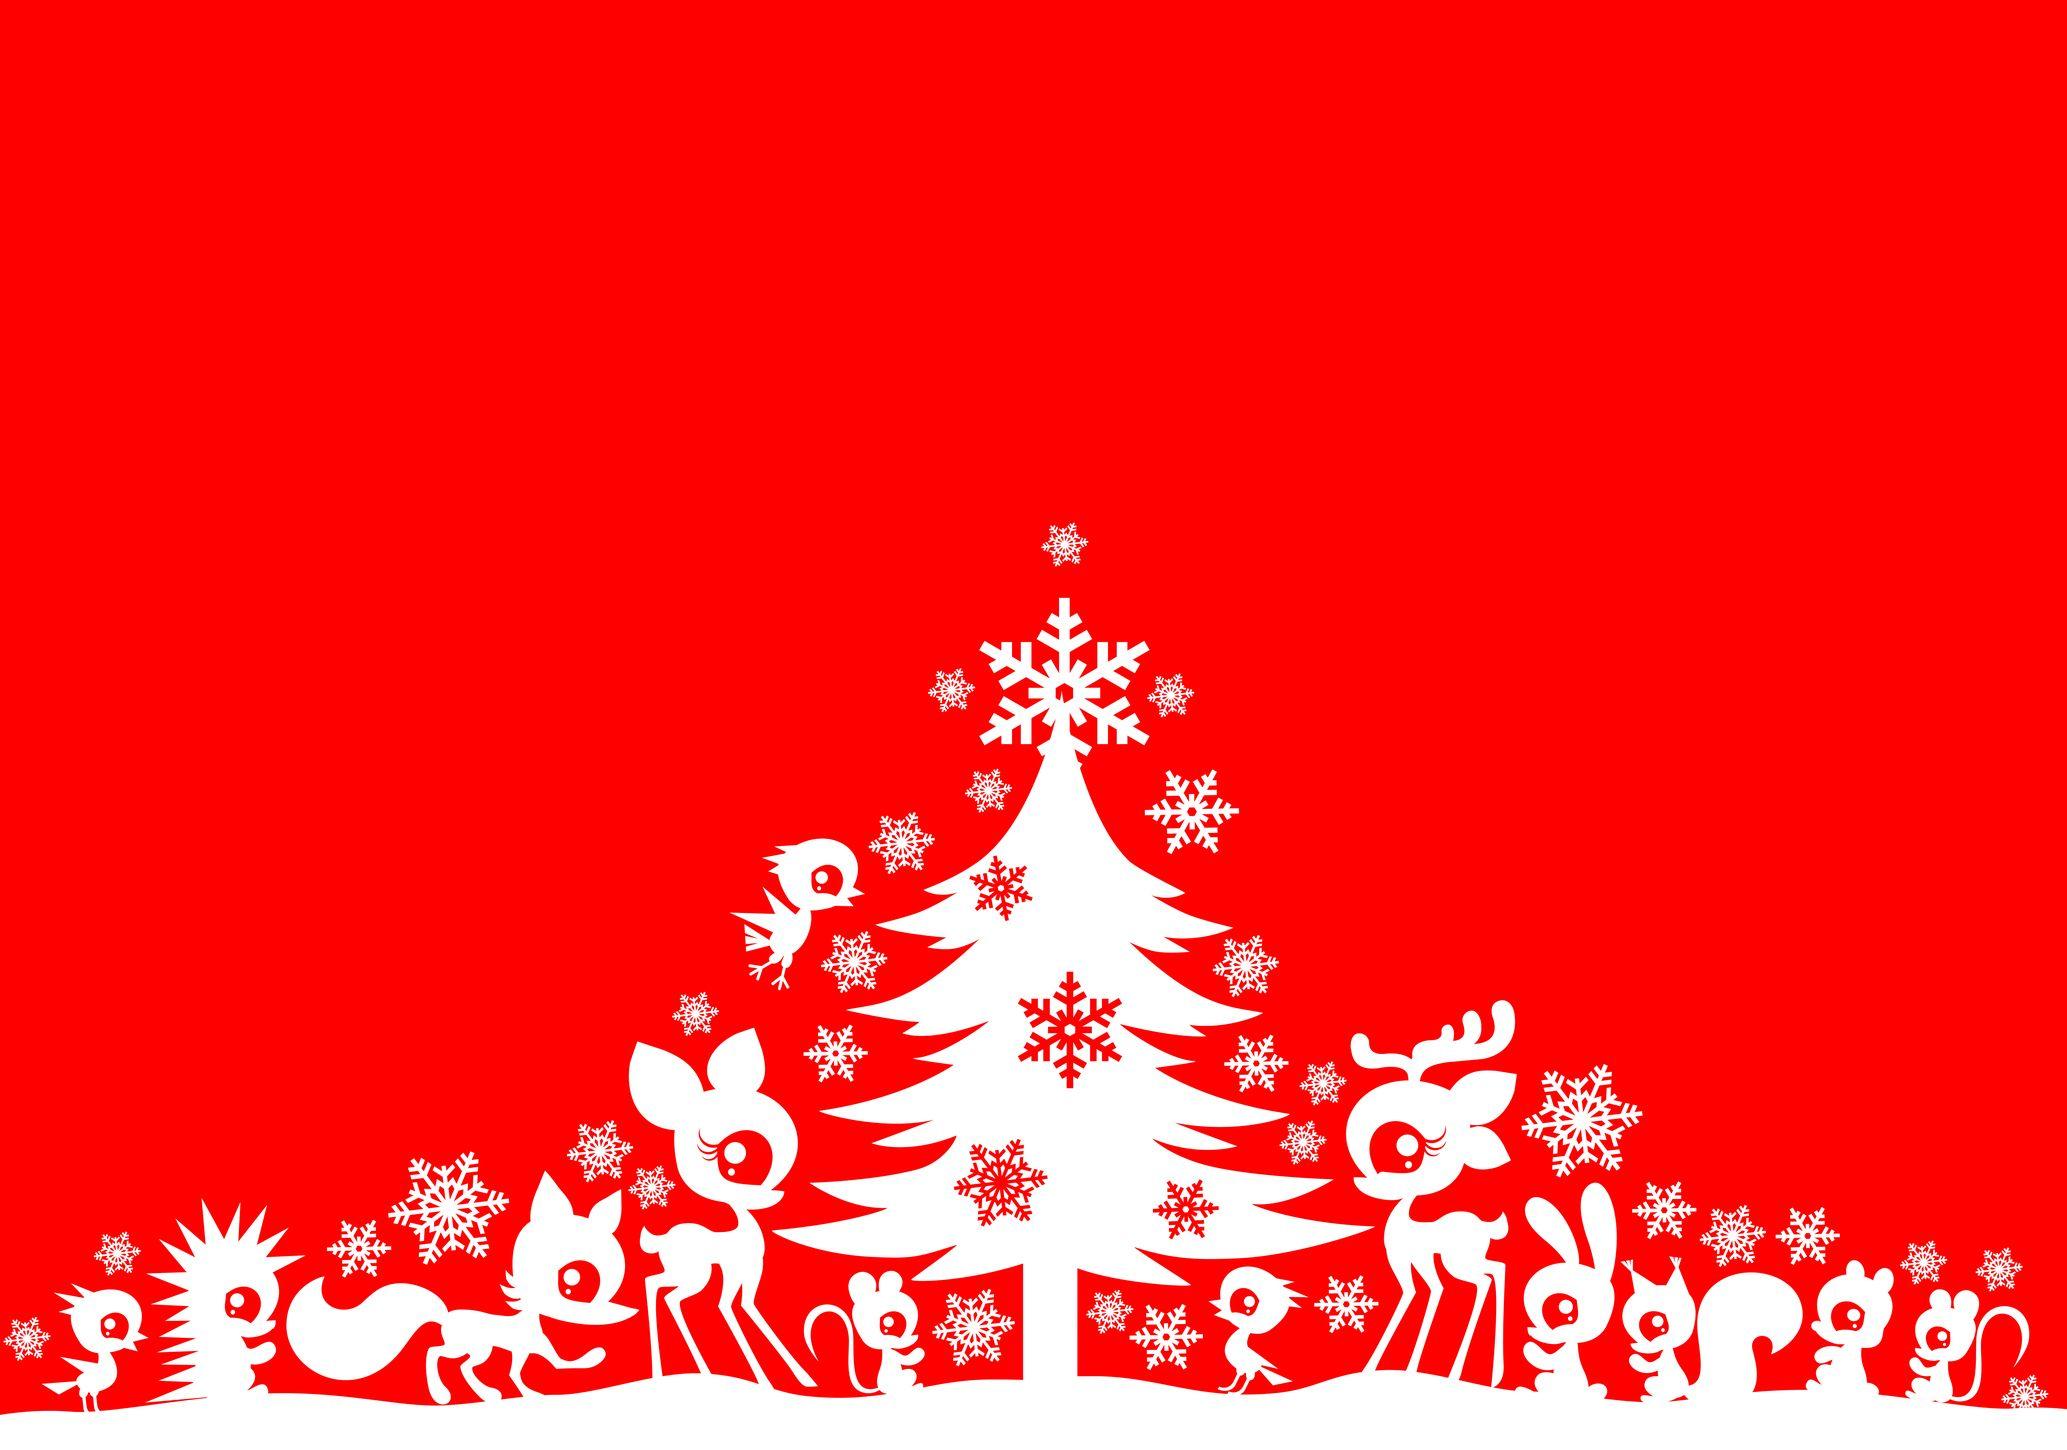 Messaggio Di Buon Natale Simpatico.10 Frasi Di Natale Divertenti Per Auguri Simpatici